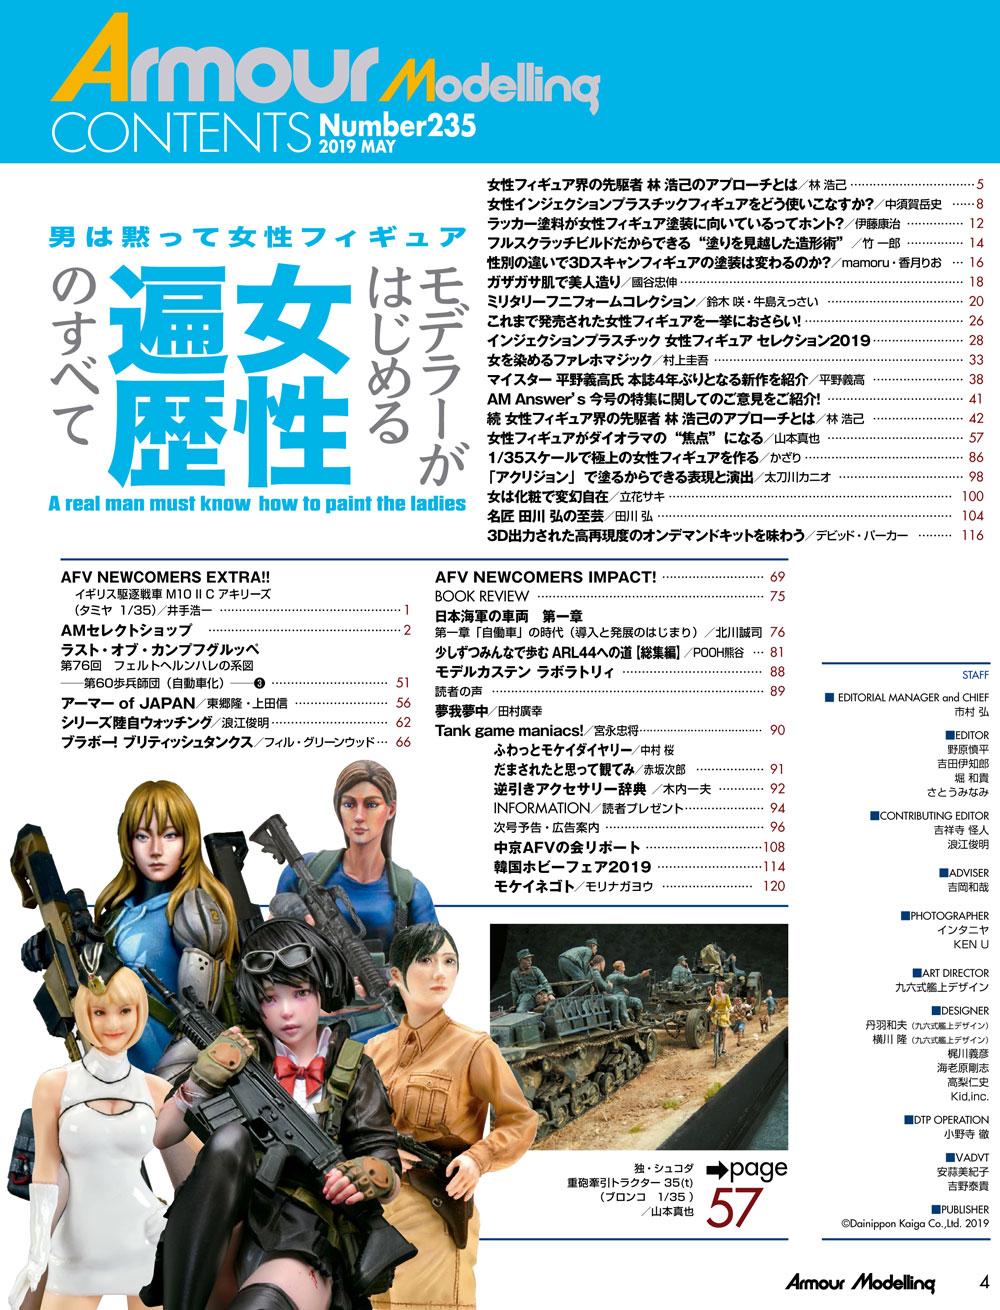 アーマーモデリング 2019年5月号雑誌(大日本絵画Armour ModelingNo.Vol.235)商品画像_1